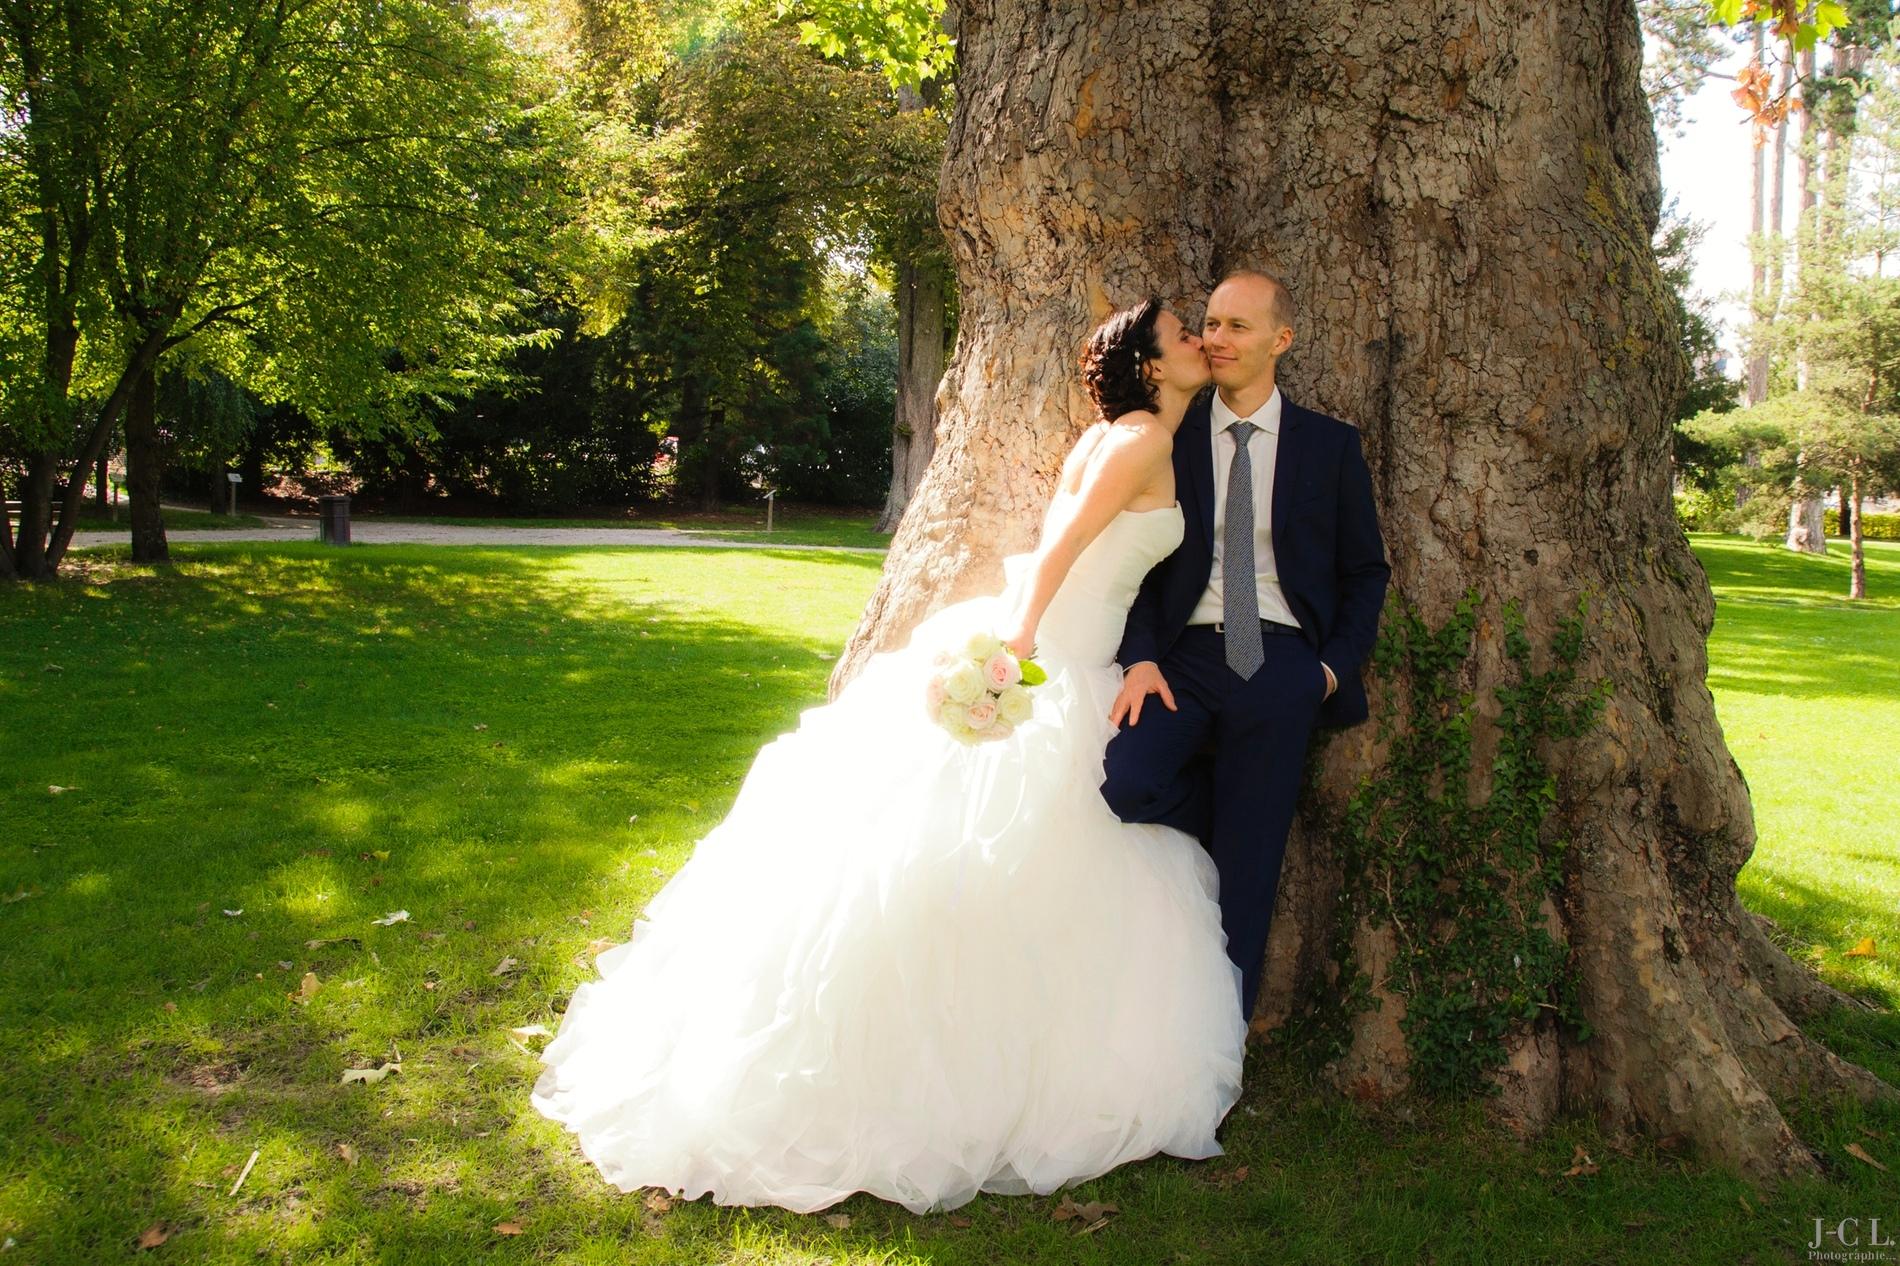 photographe mariage reims et chalons en champagne j c l photographie. Black Bedroom Furniture Sets. Home Design Ideas